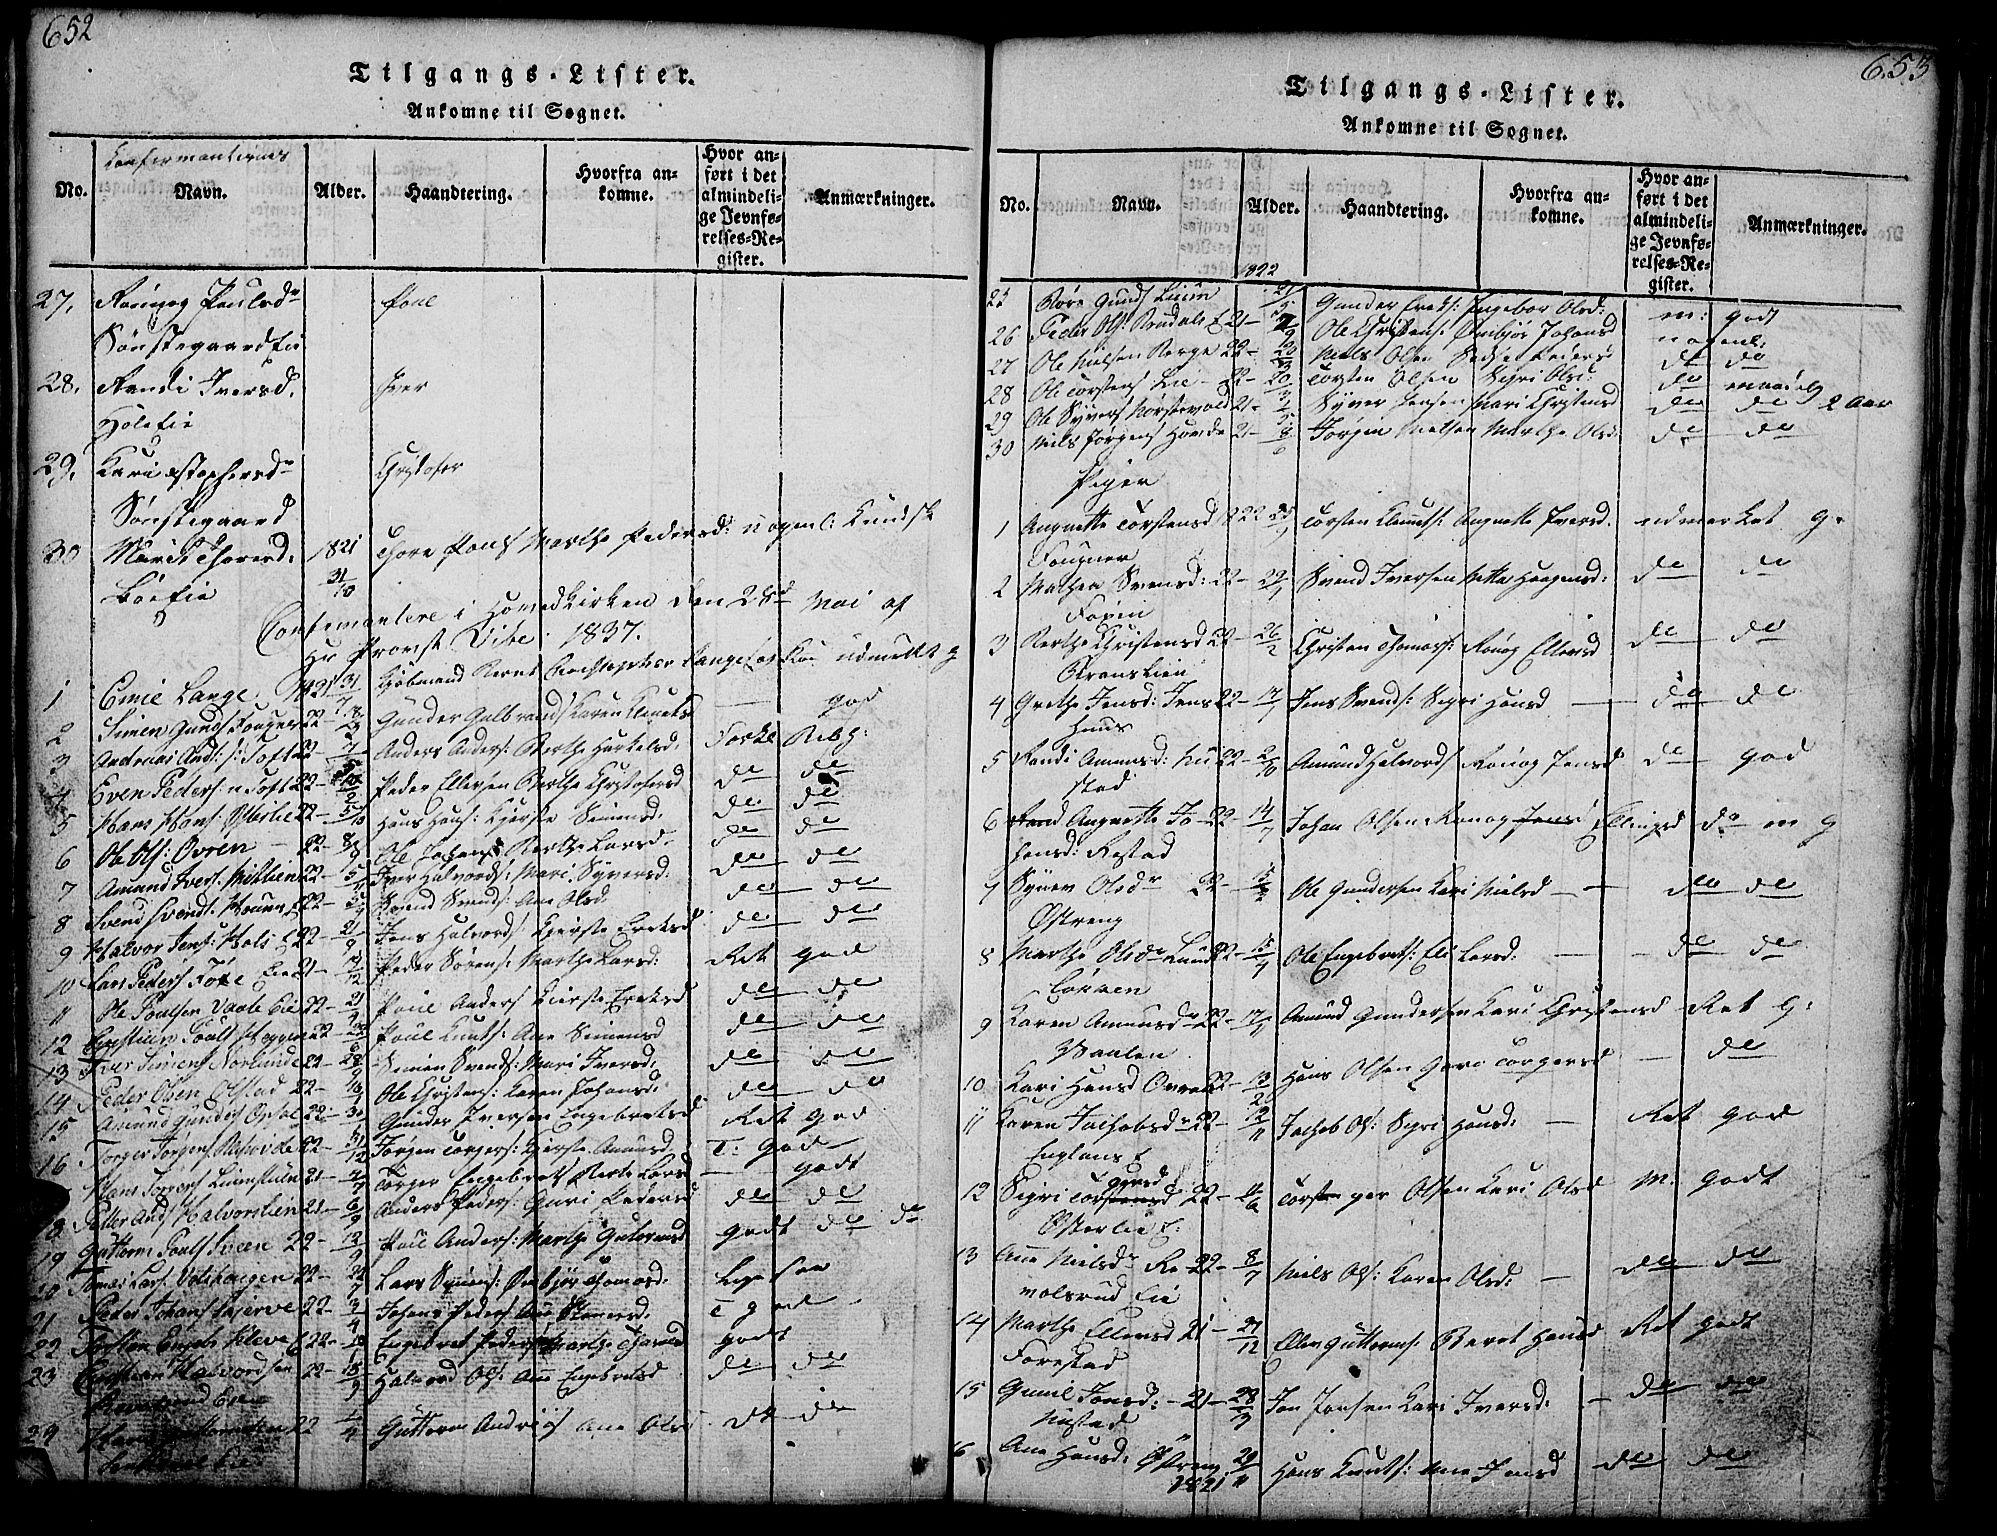 SAH, Gausdal prestekontor, Klokkerbok nr. 1, 1817-1848, s. 652-653